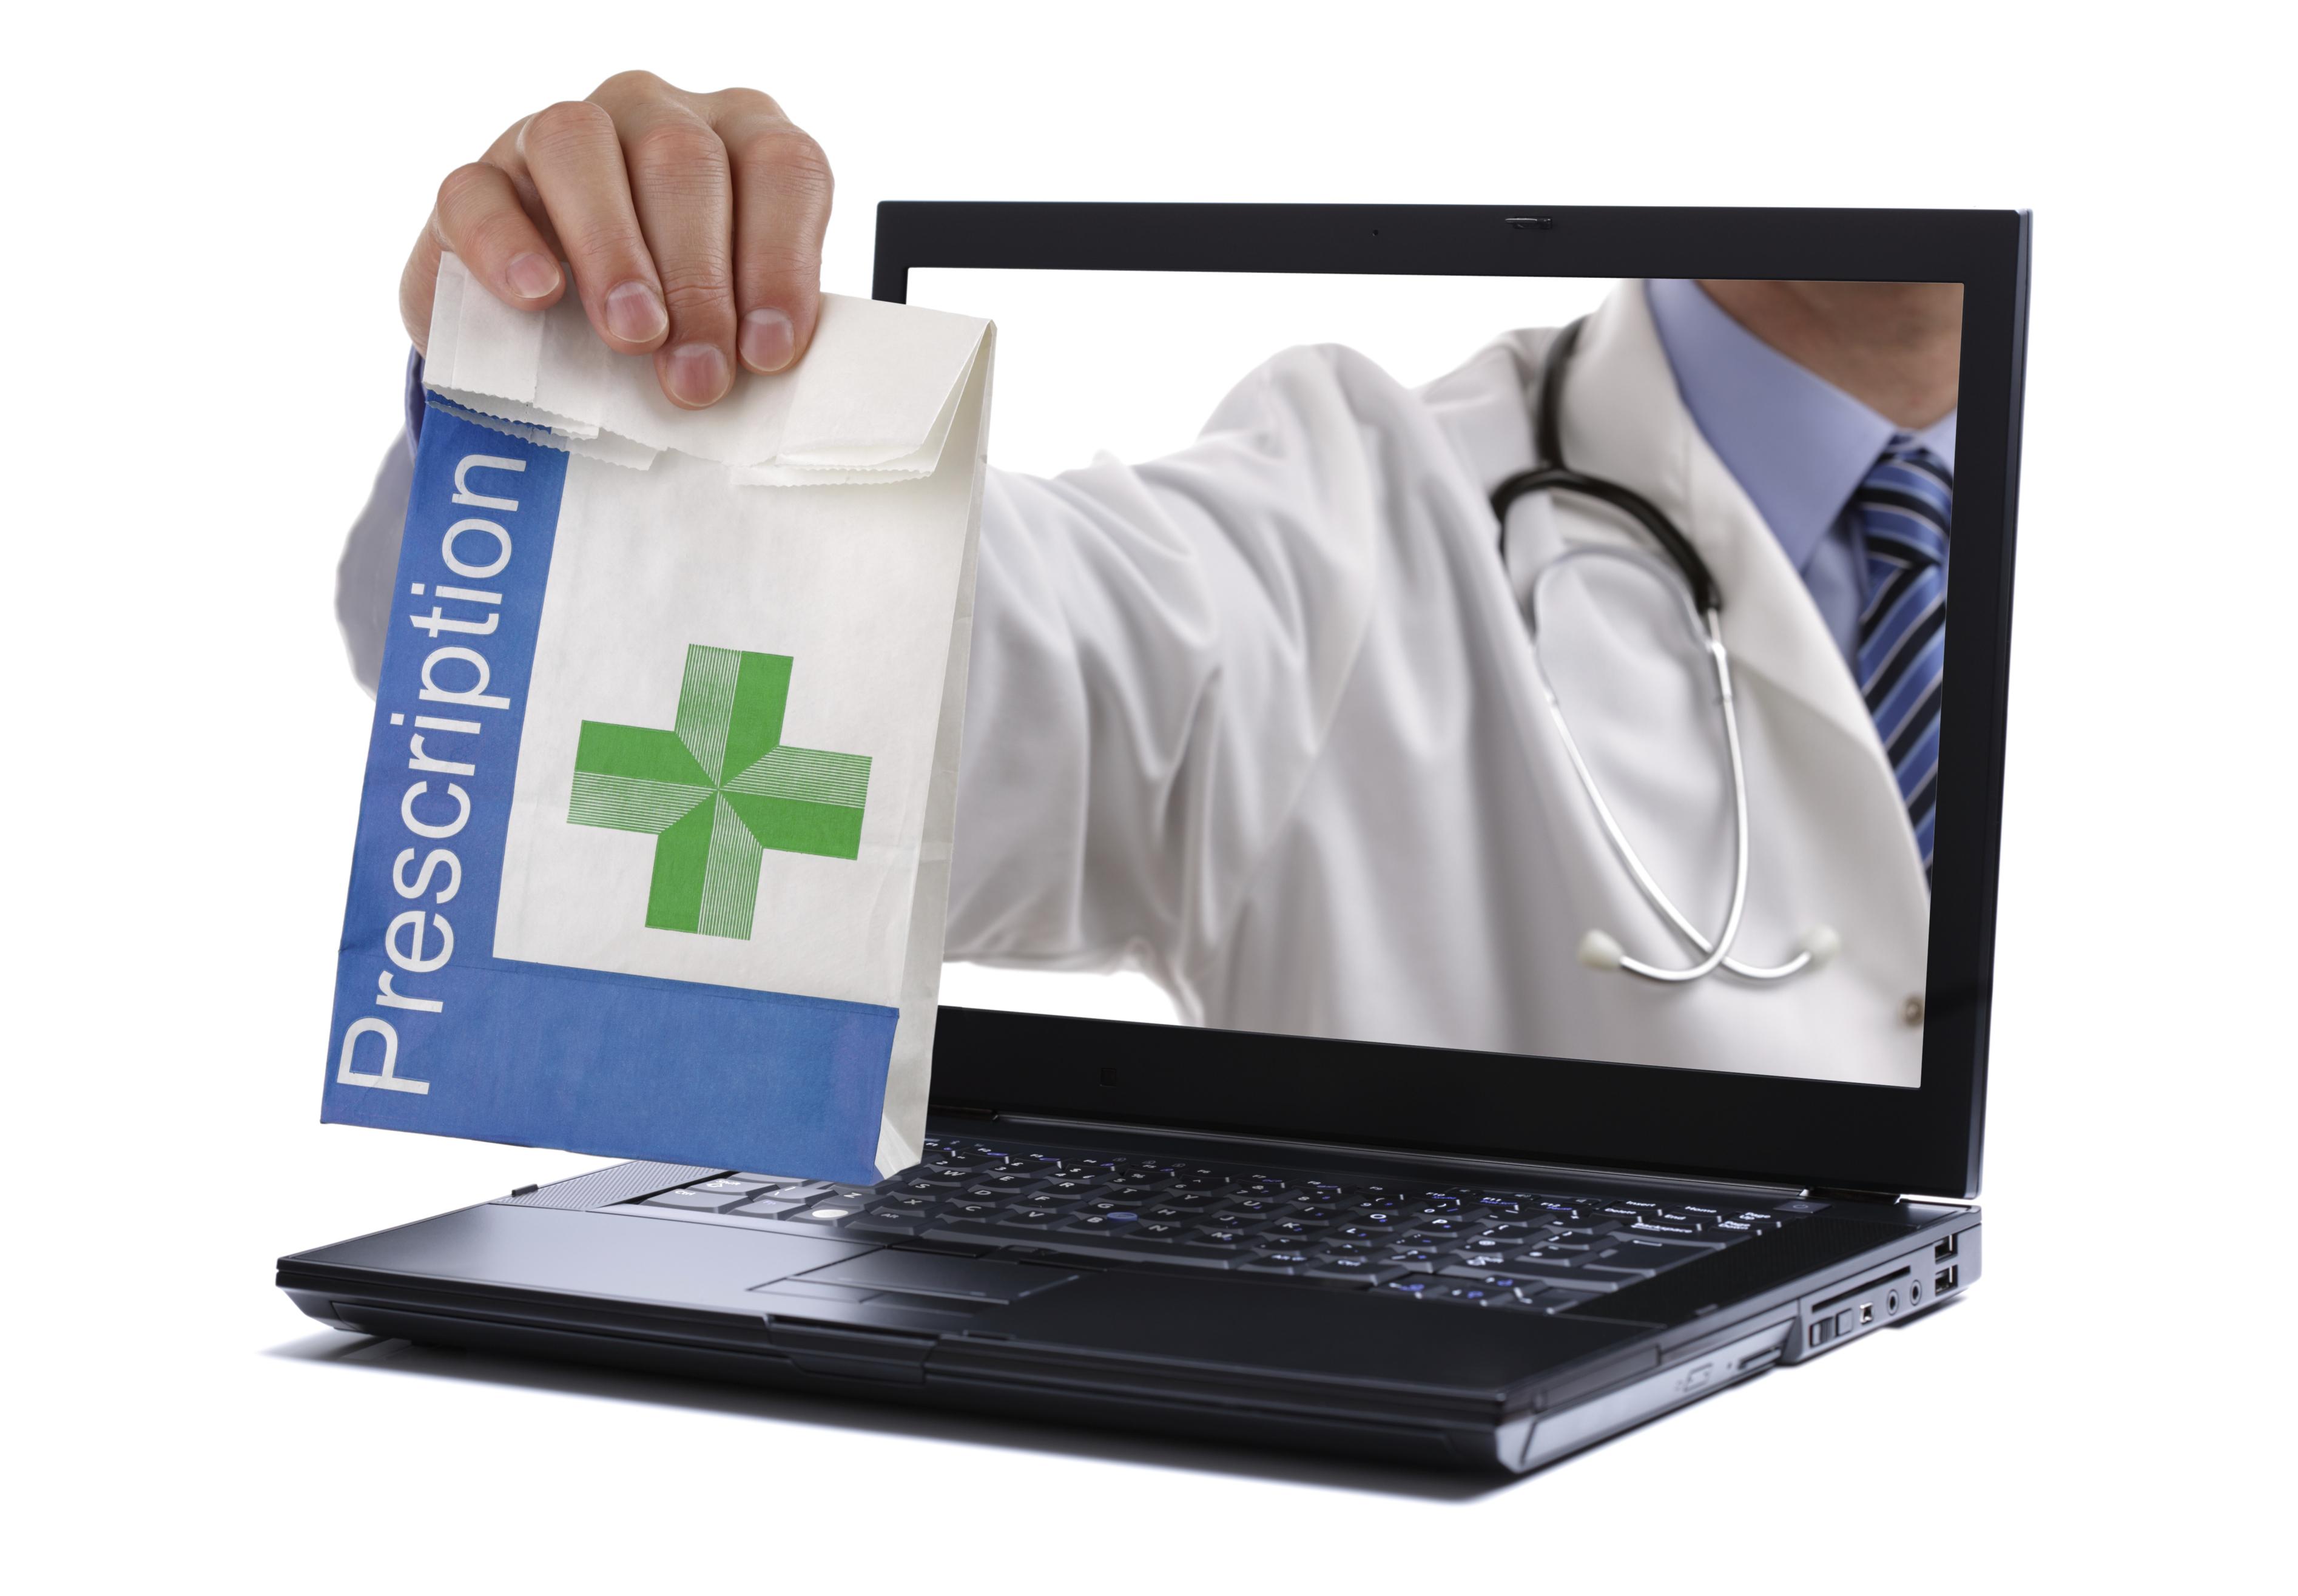 рецепт на лекарство в электронной форме